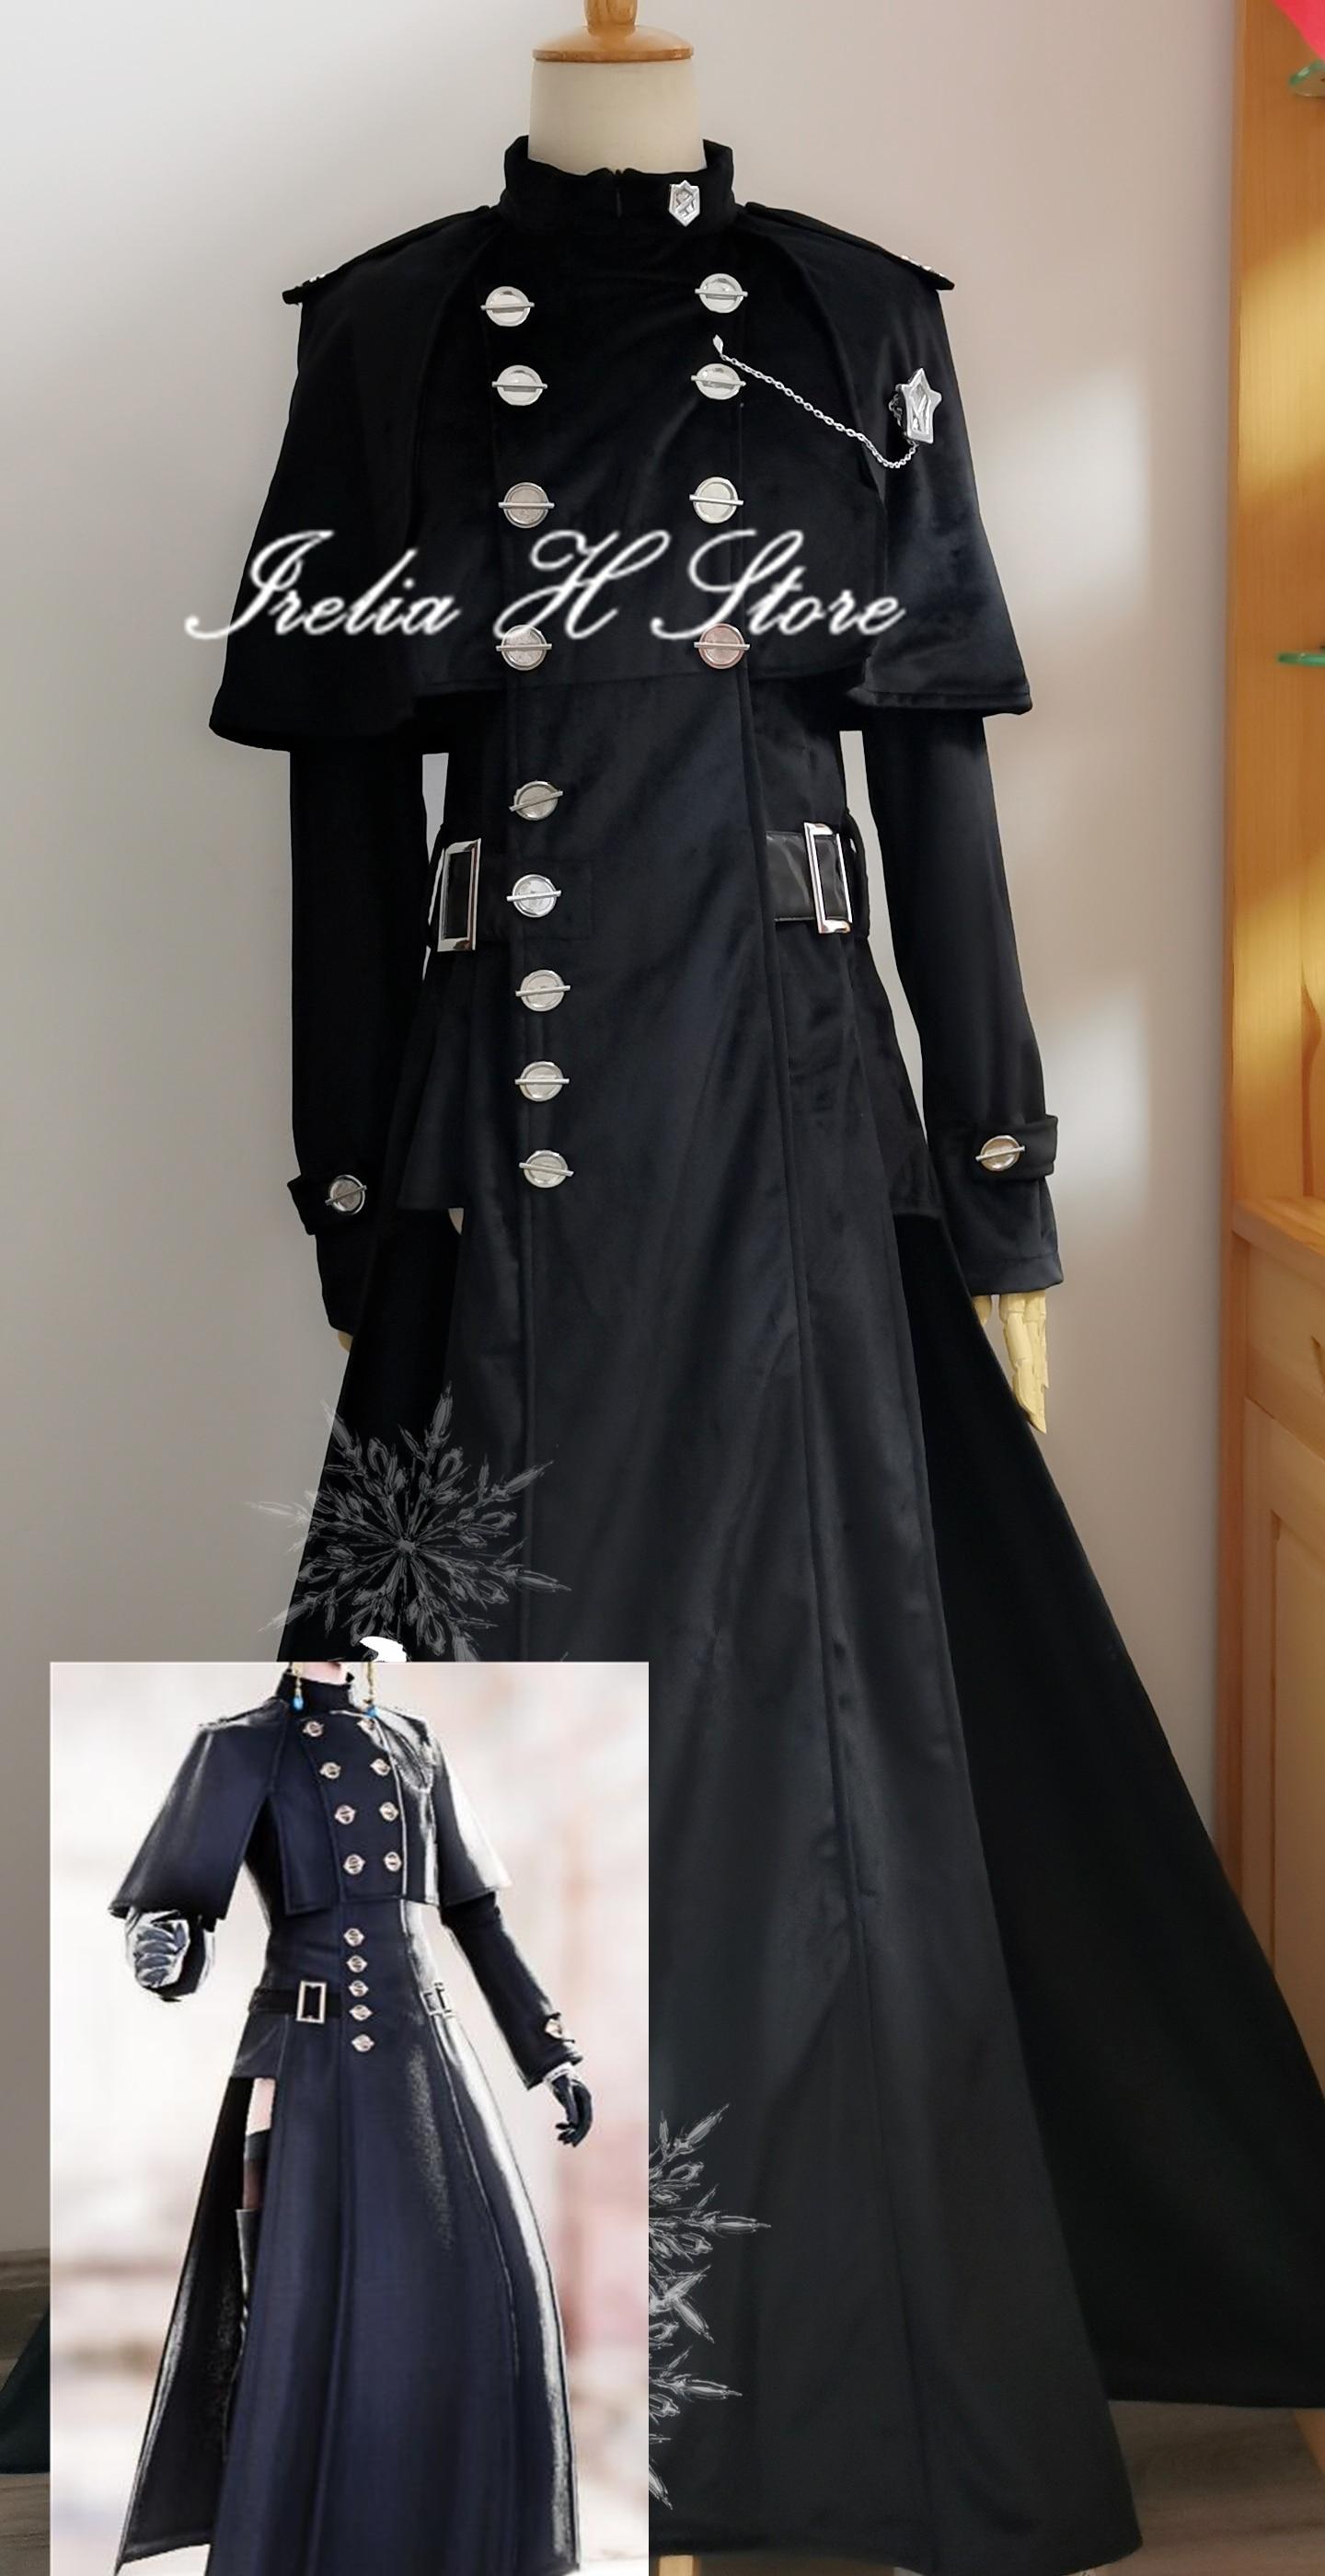 زي فاينل فانتسي XIV YoRHa من النوع 51 ، مصنوع حسب الطلب/الحجم FF14 ، زي تأثيري ، فستان أسود طويل